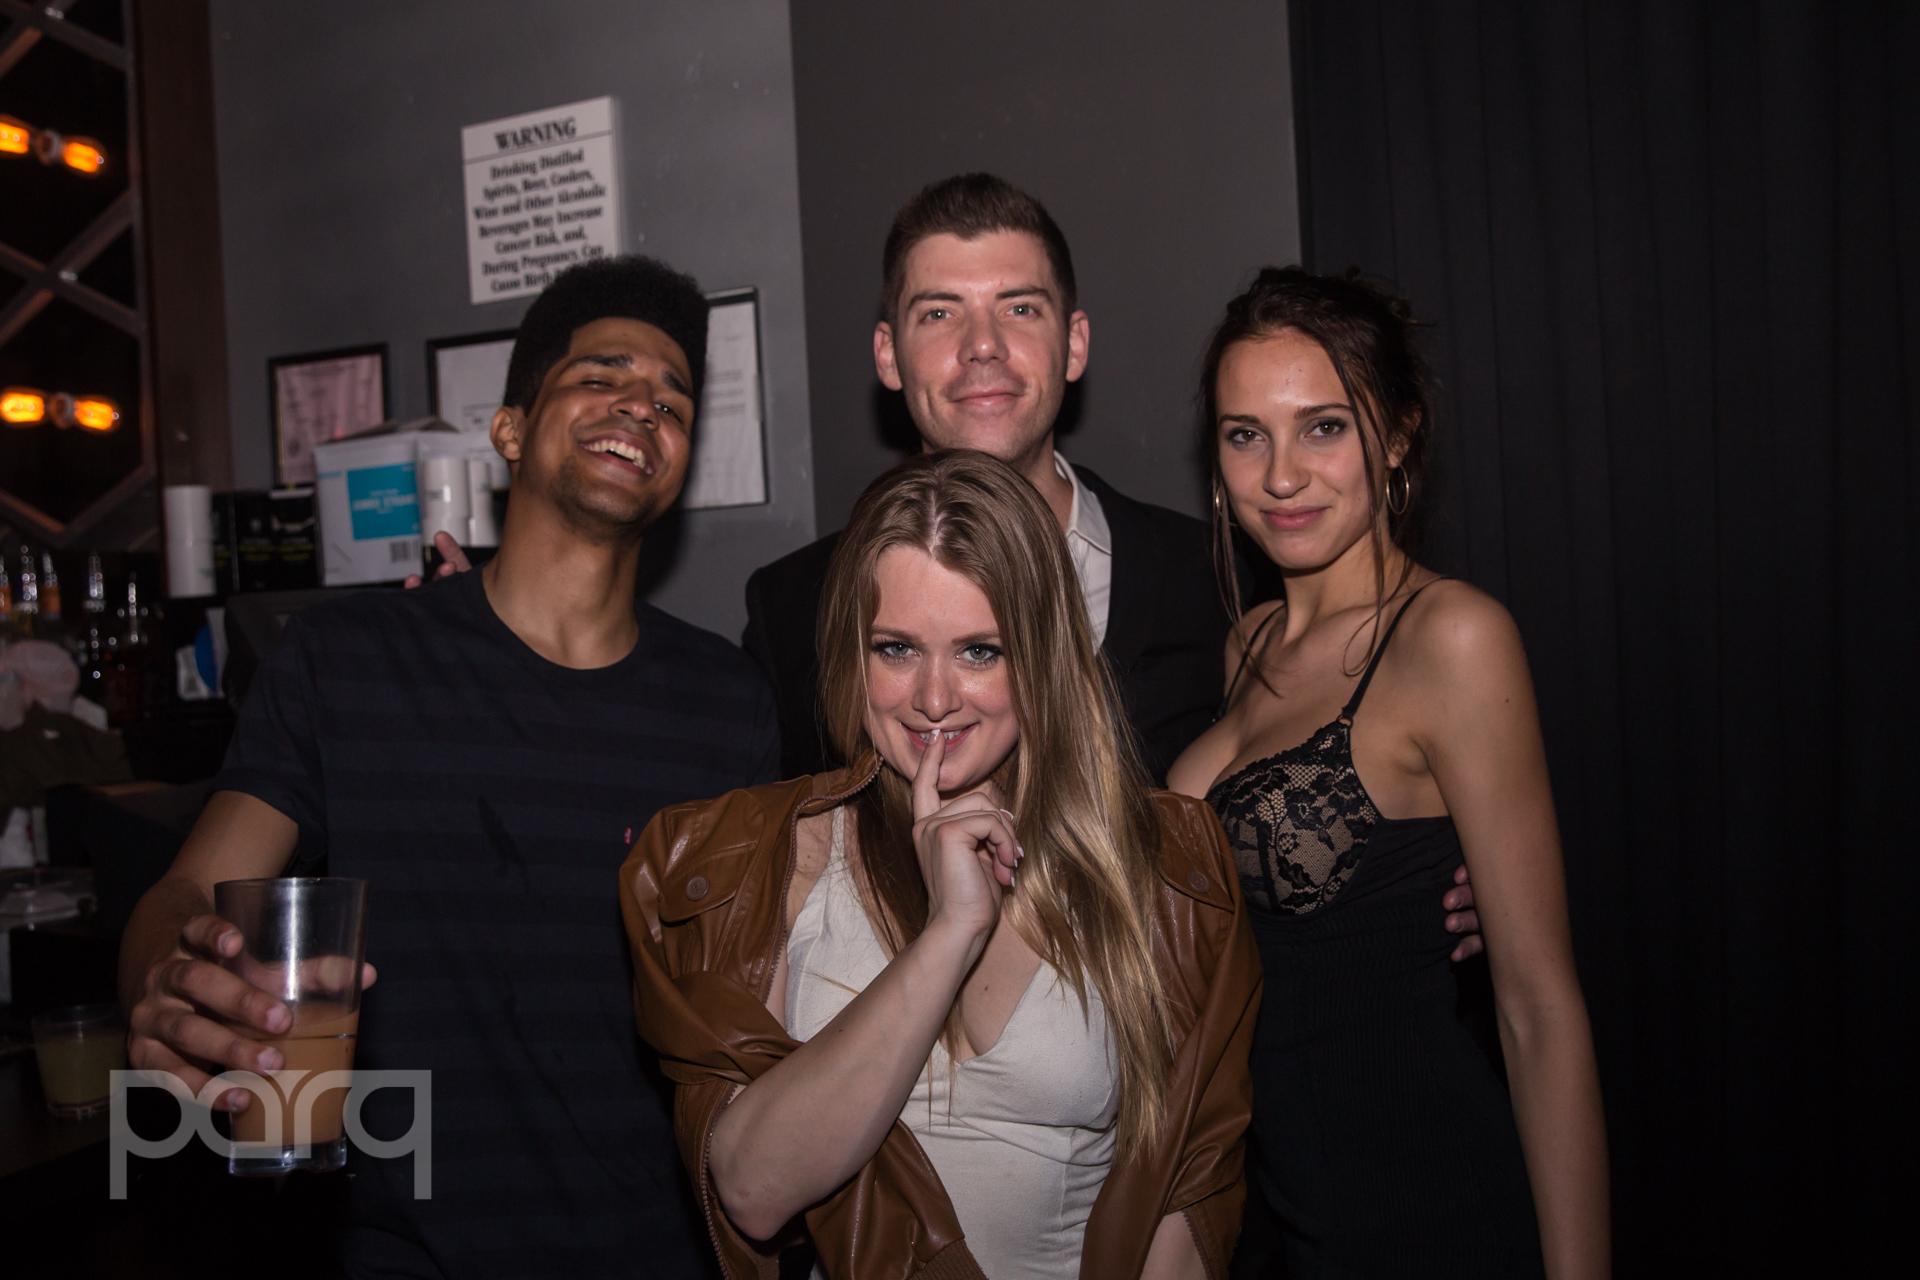 San-Diego-Nightclub-DJ Obscene-33.jpg